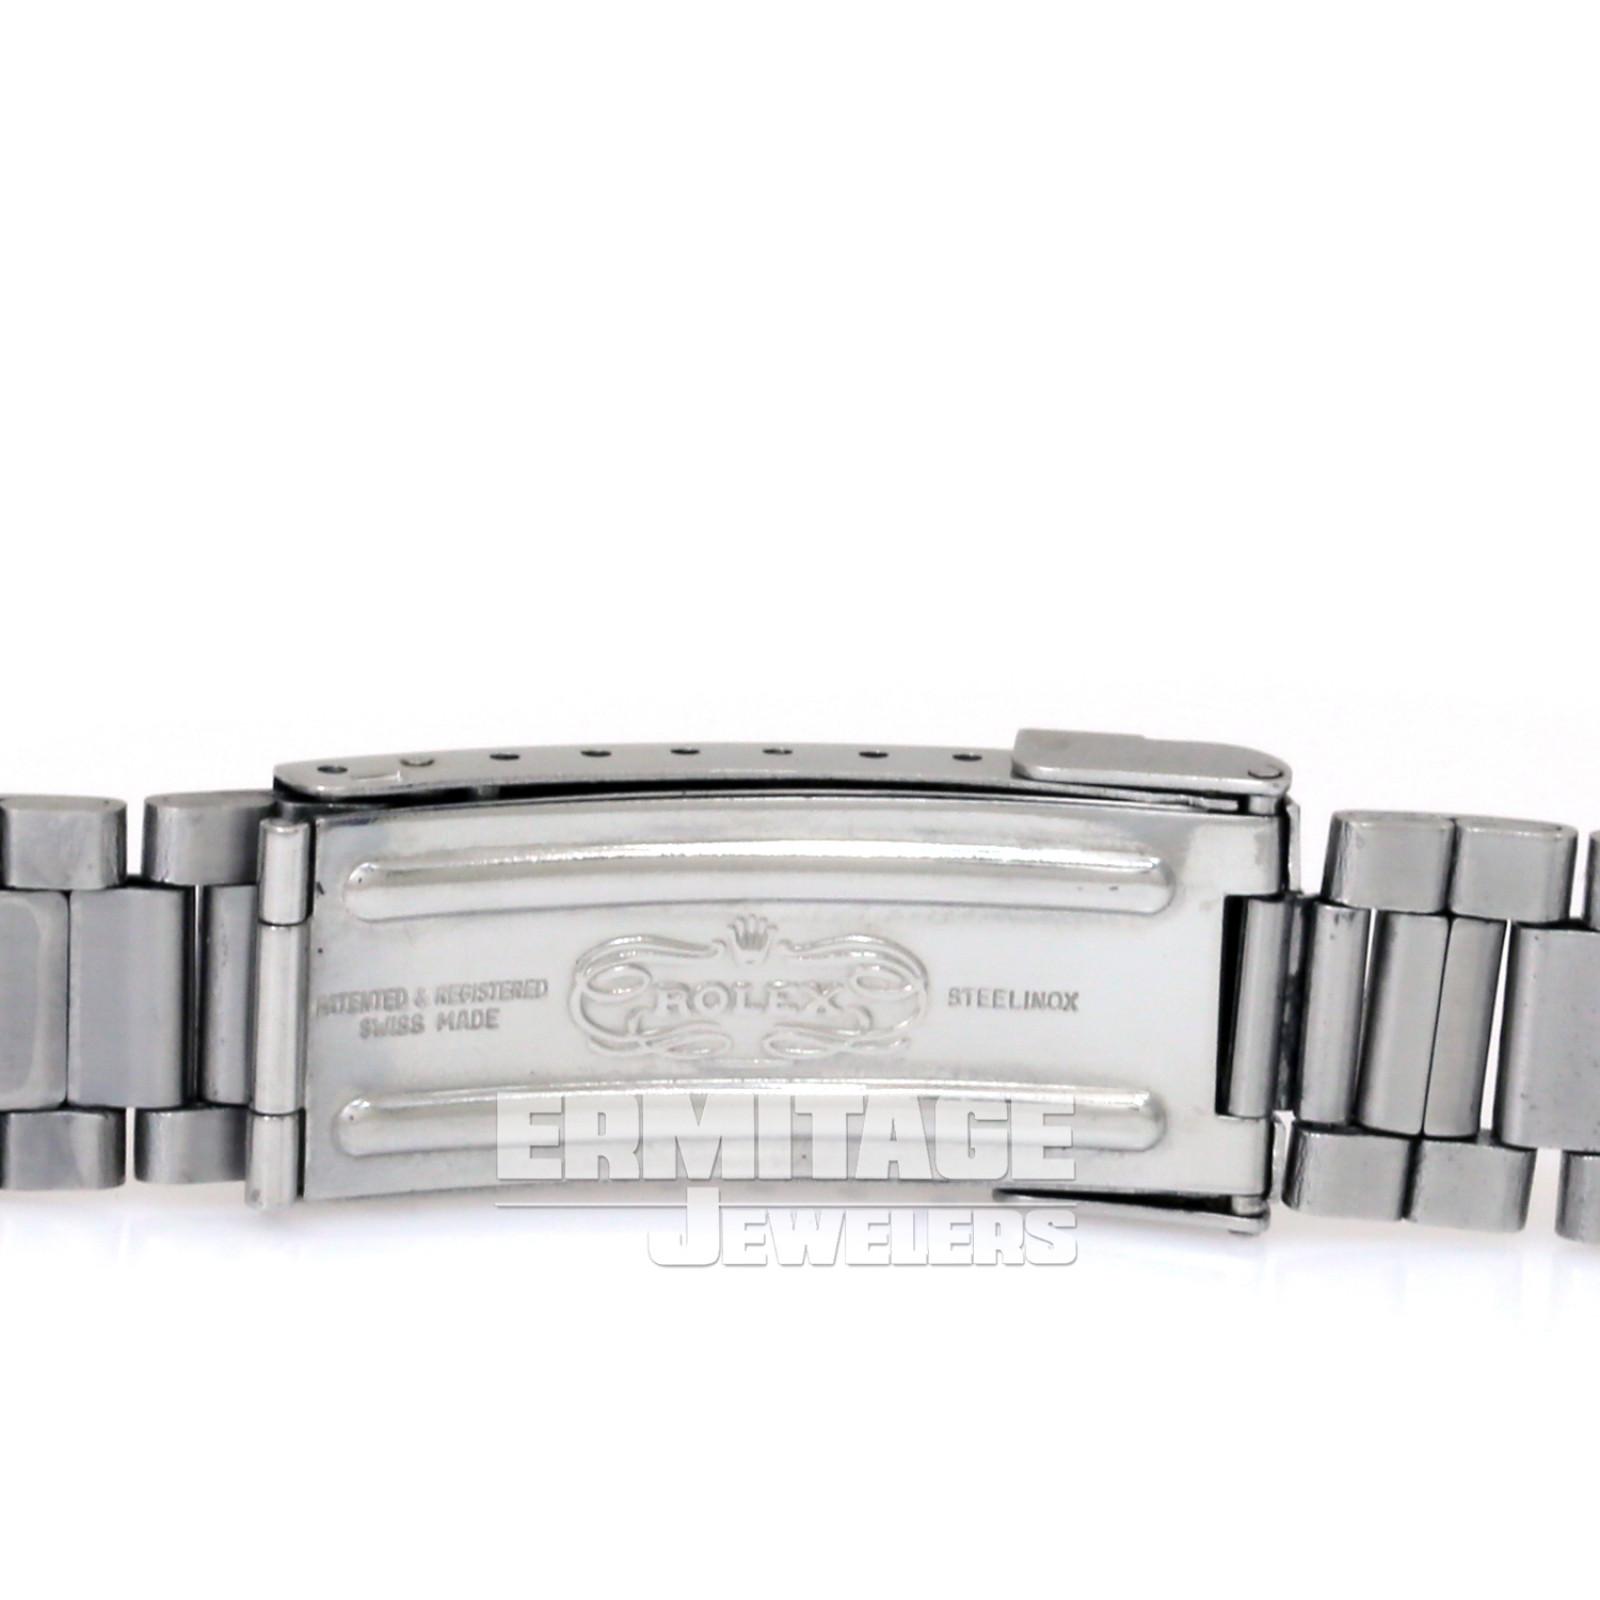 Vintage Rolex 1680 40 mm Steel on Oyster